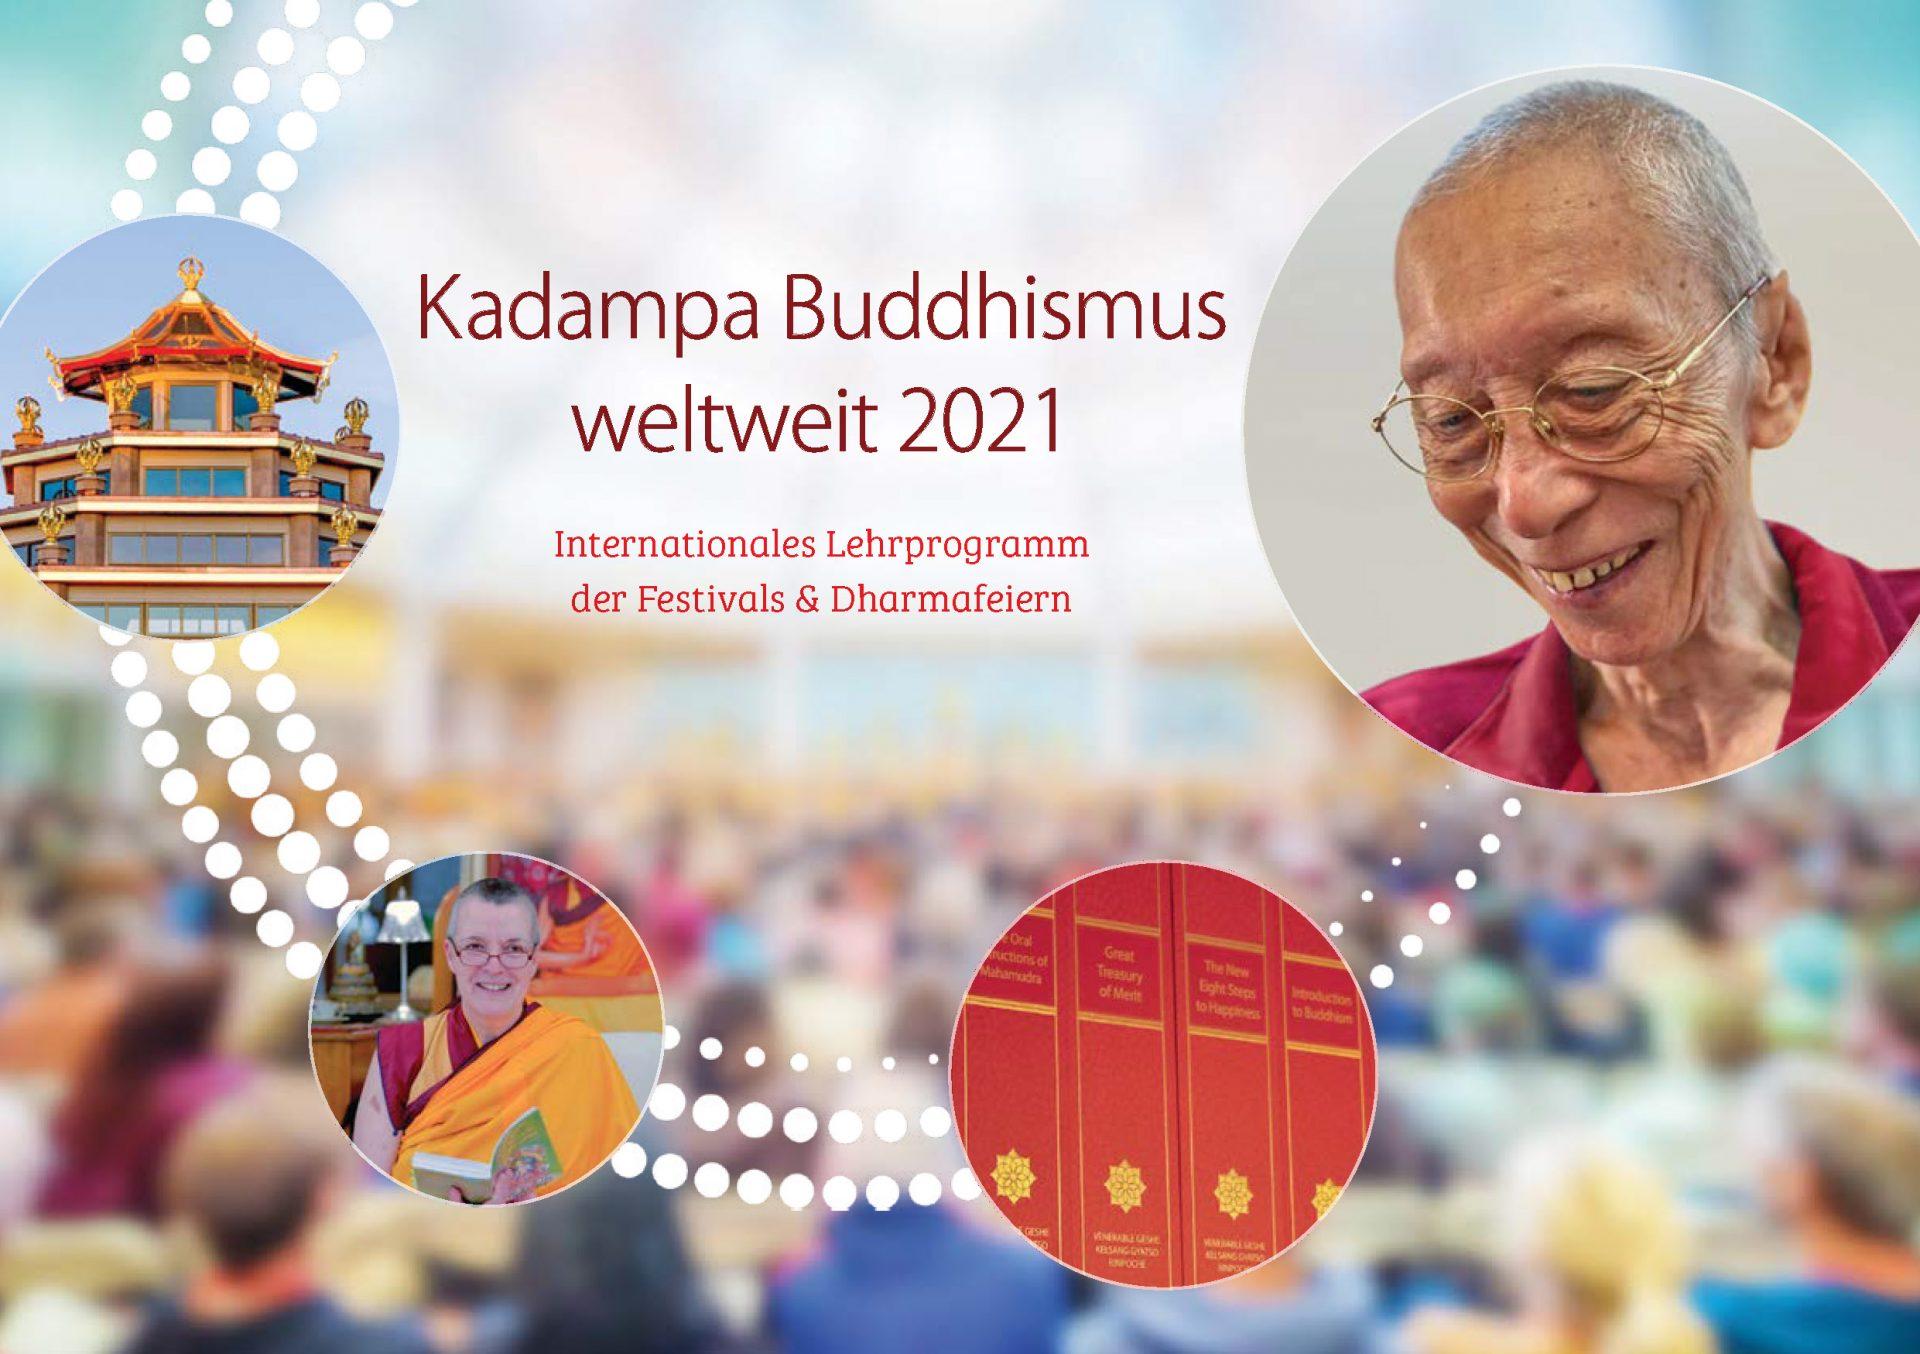 Kadampa Buddhismus weltweit